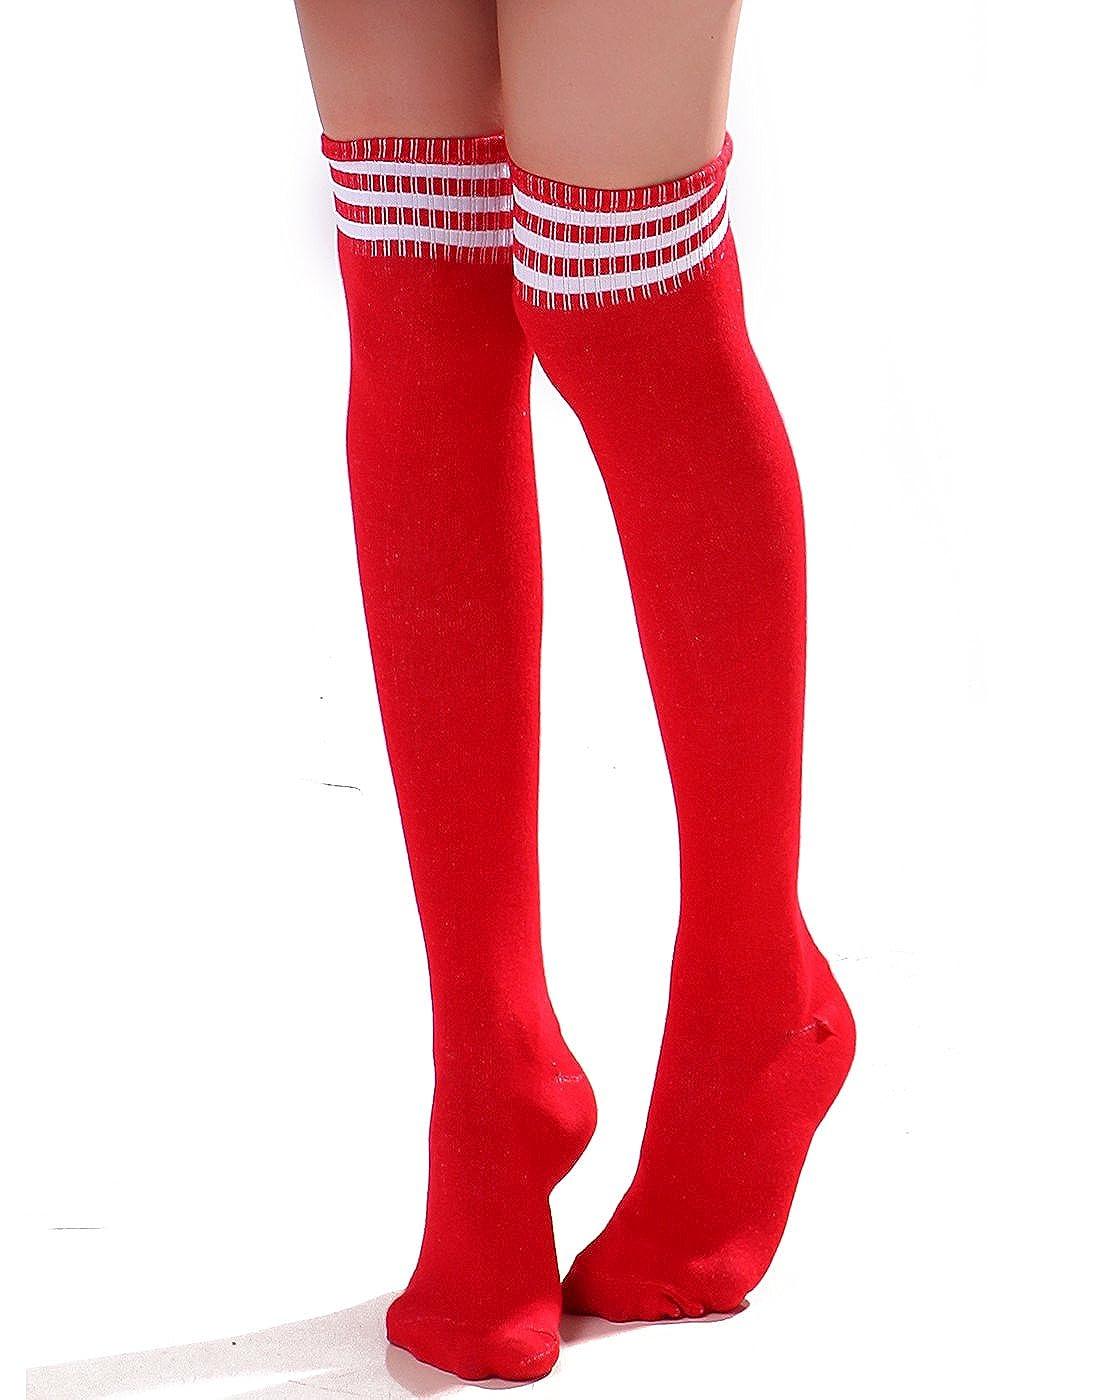 HDE Women Three Stripe Over Knee High Socks Extra Long Athletic Sport Tube Socks HDE-X249-2014